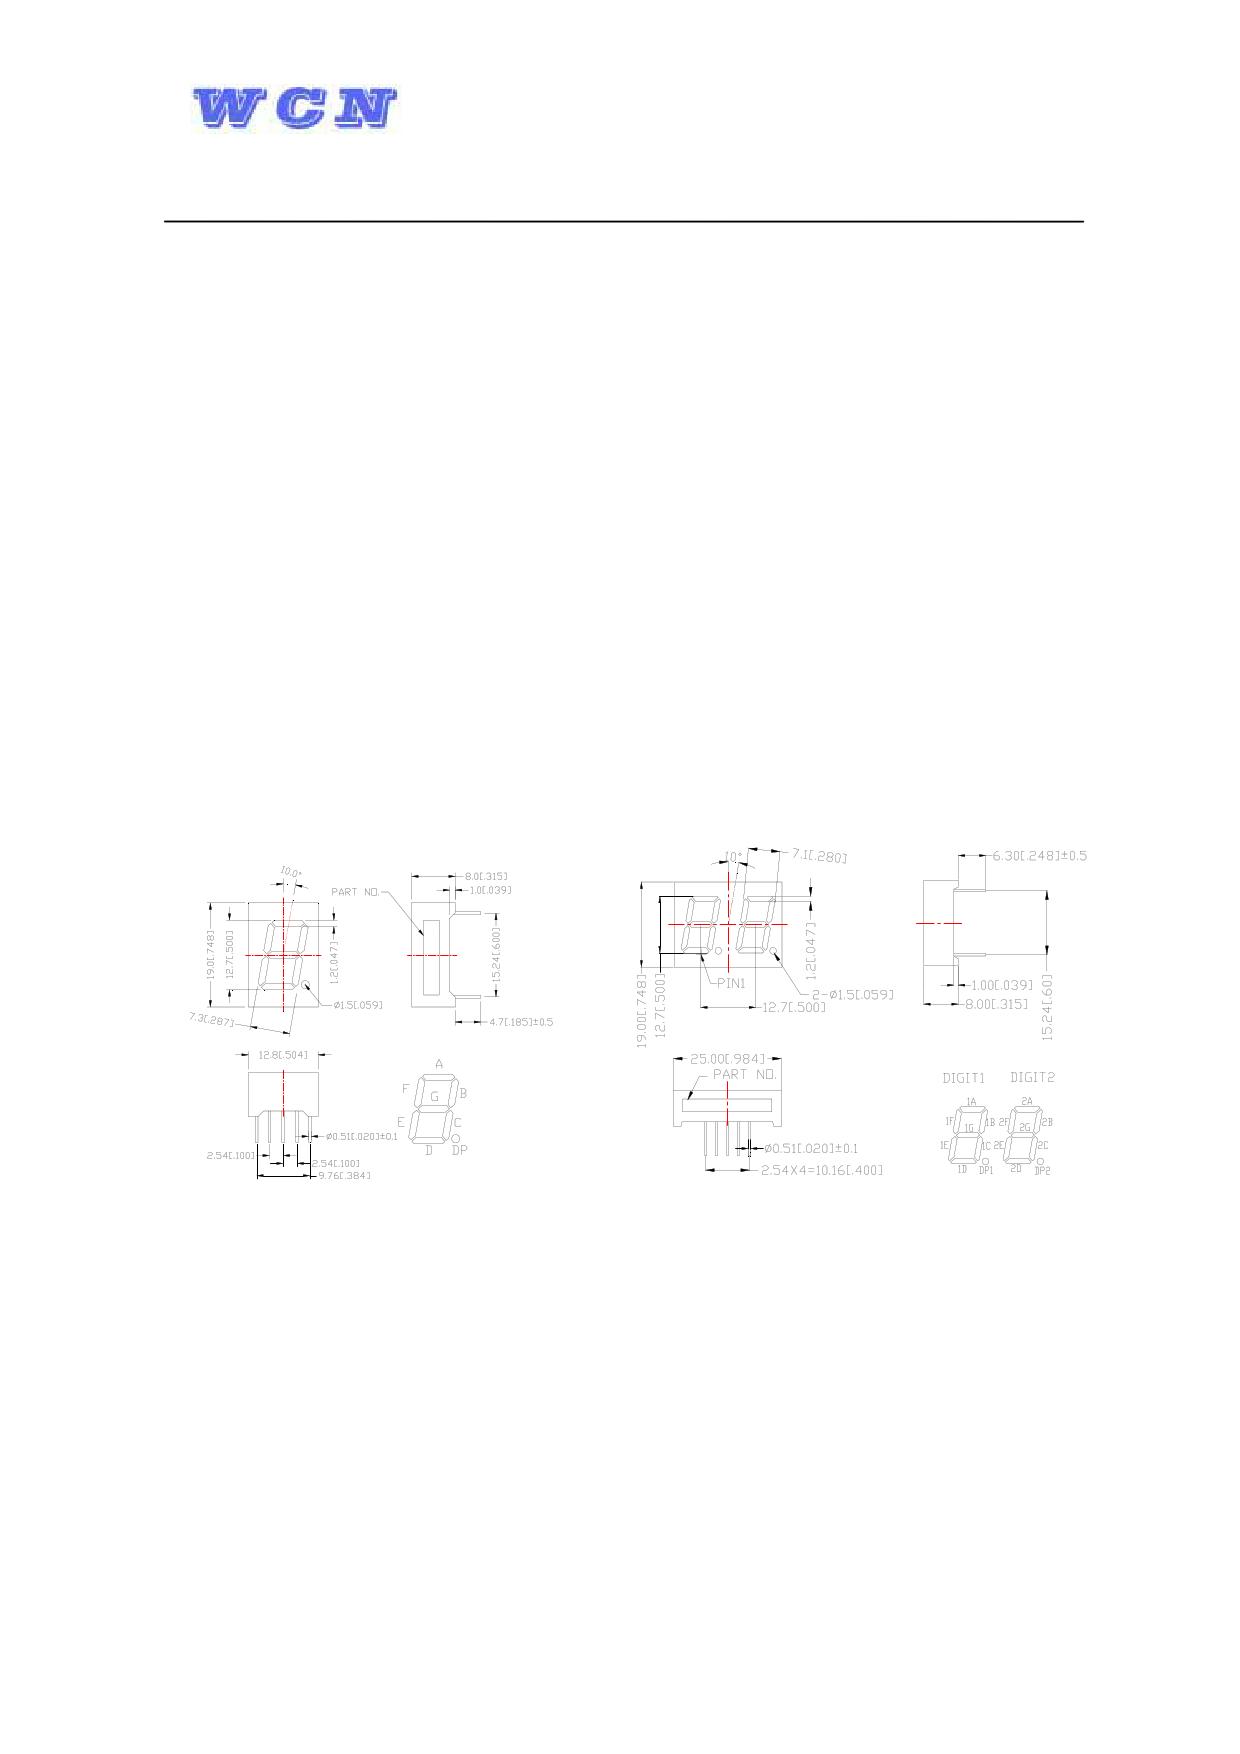 WCN2-0050SR-A11 datasheet